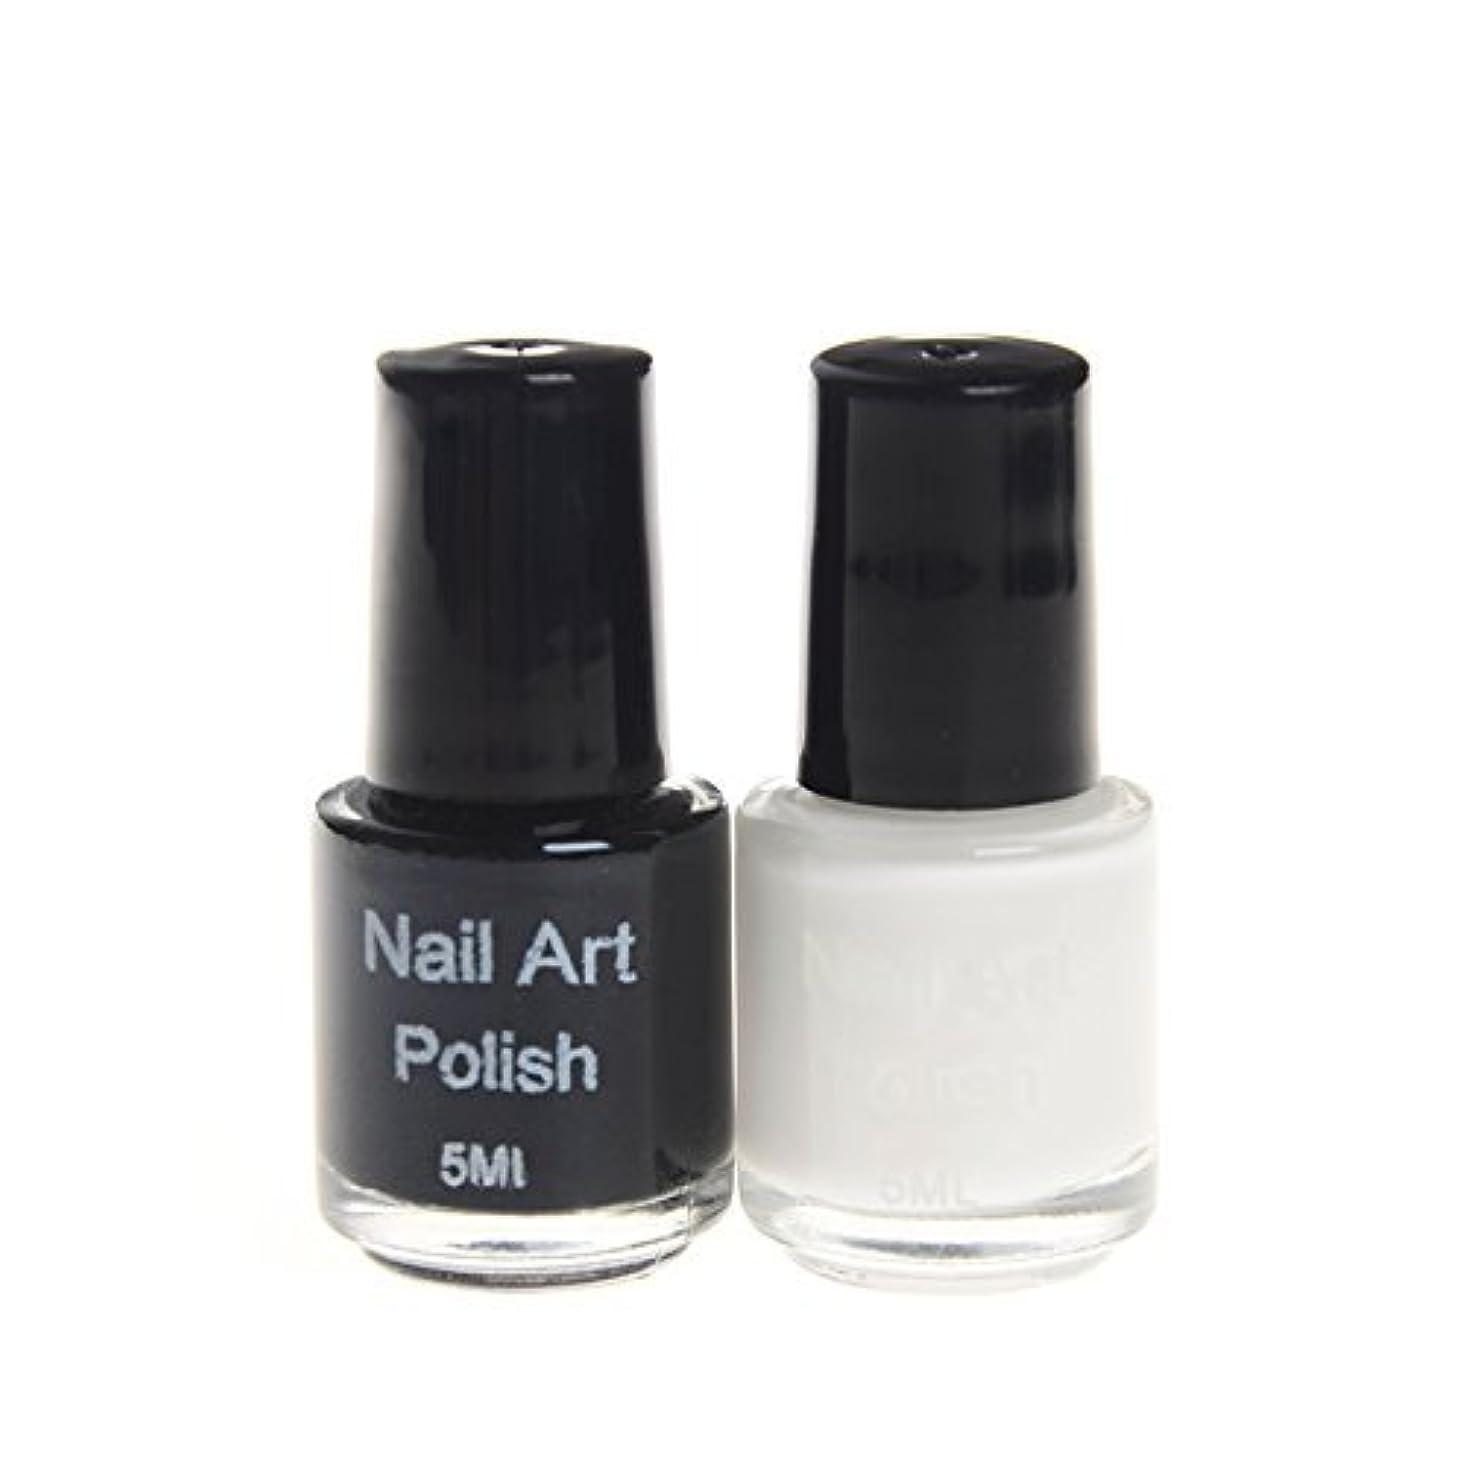 注釈を付ける転倒味スタンプネイル専用ポリッシュ 2色ホワイト&ブラックカラーマニキュアネイルアート  スタンプネイルアート